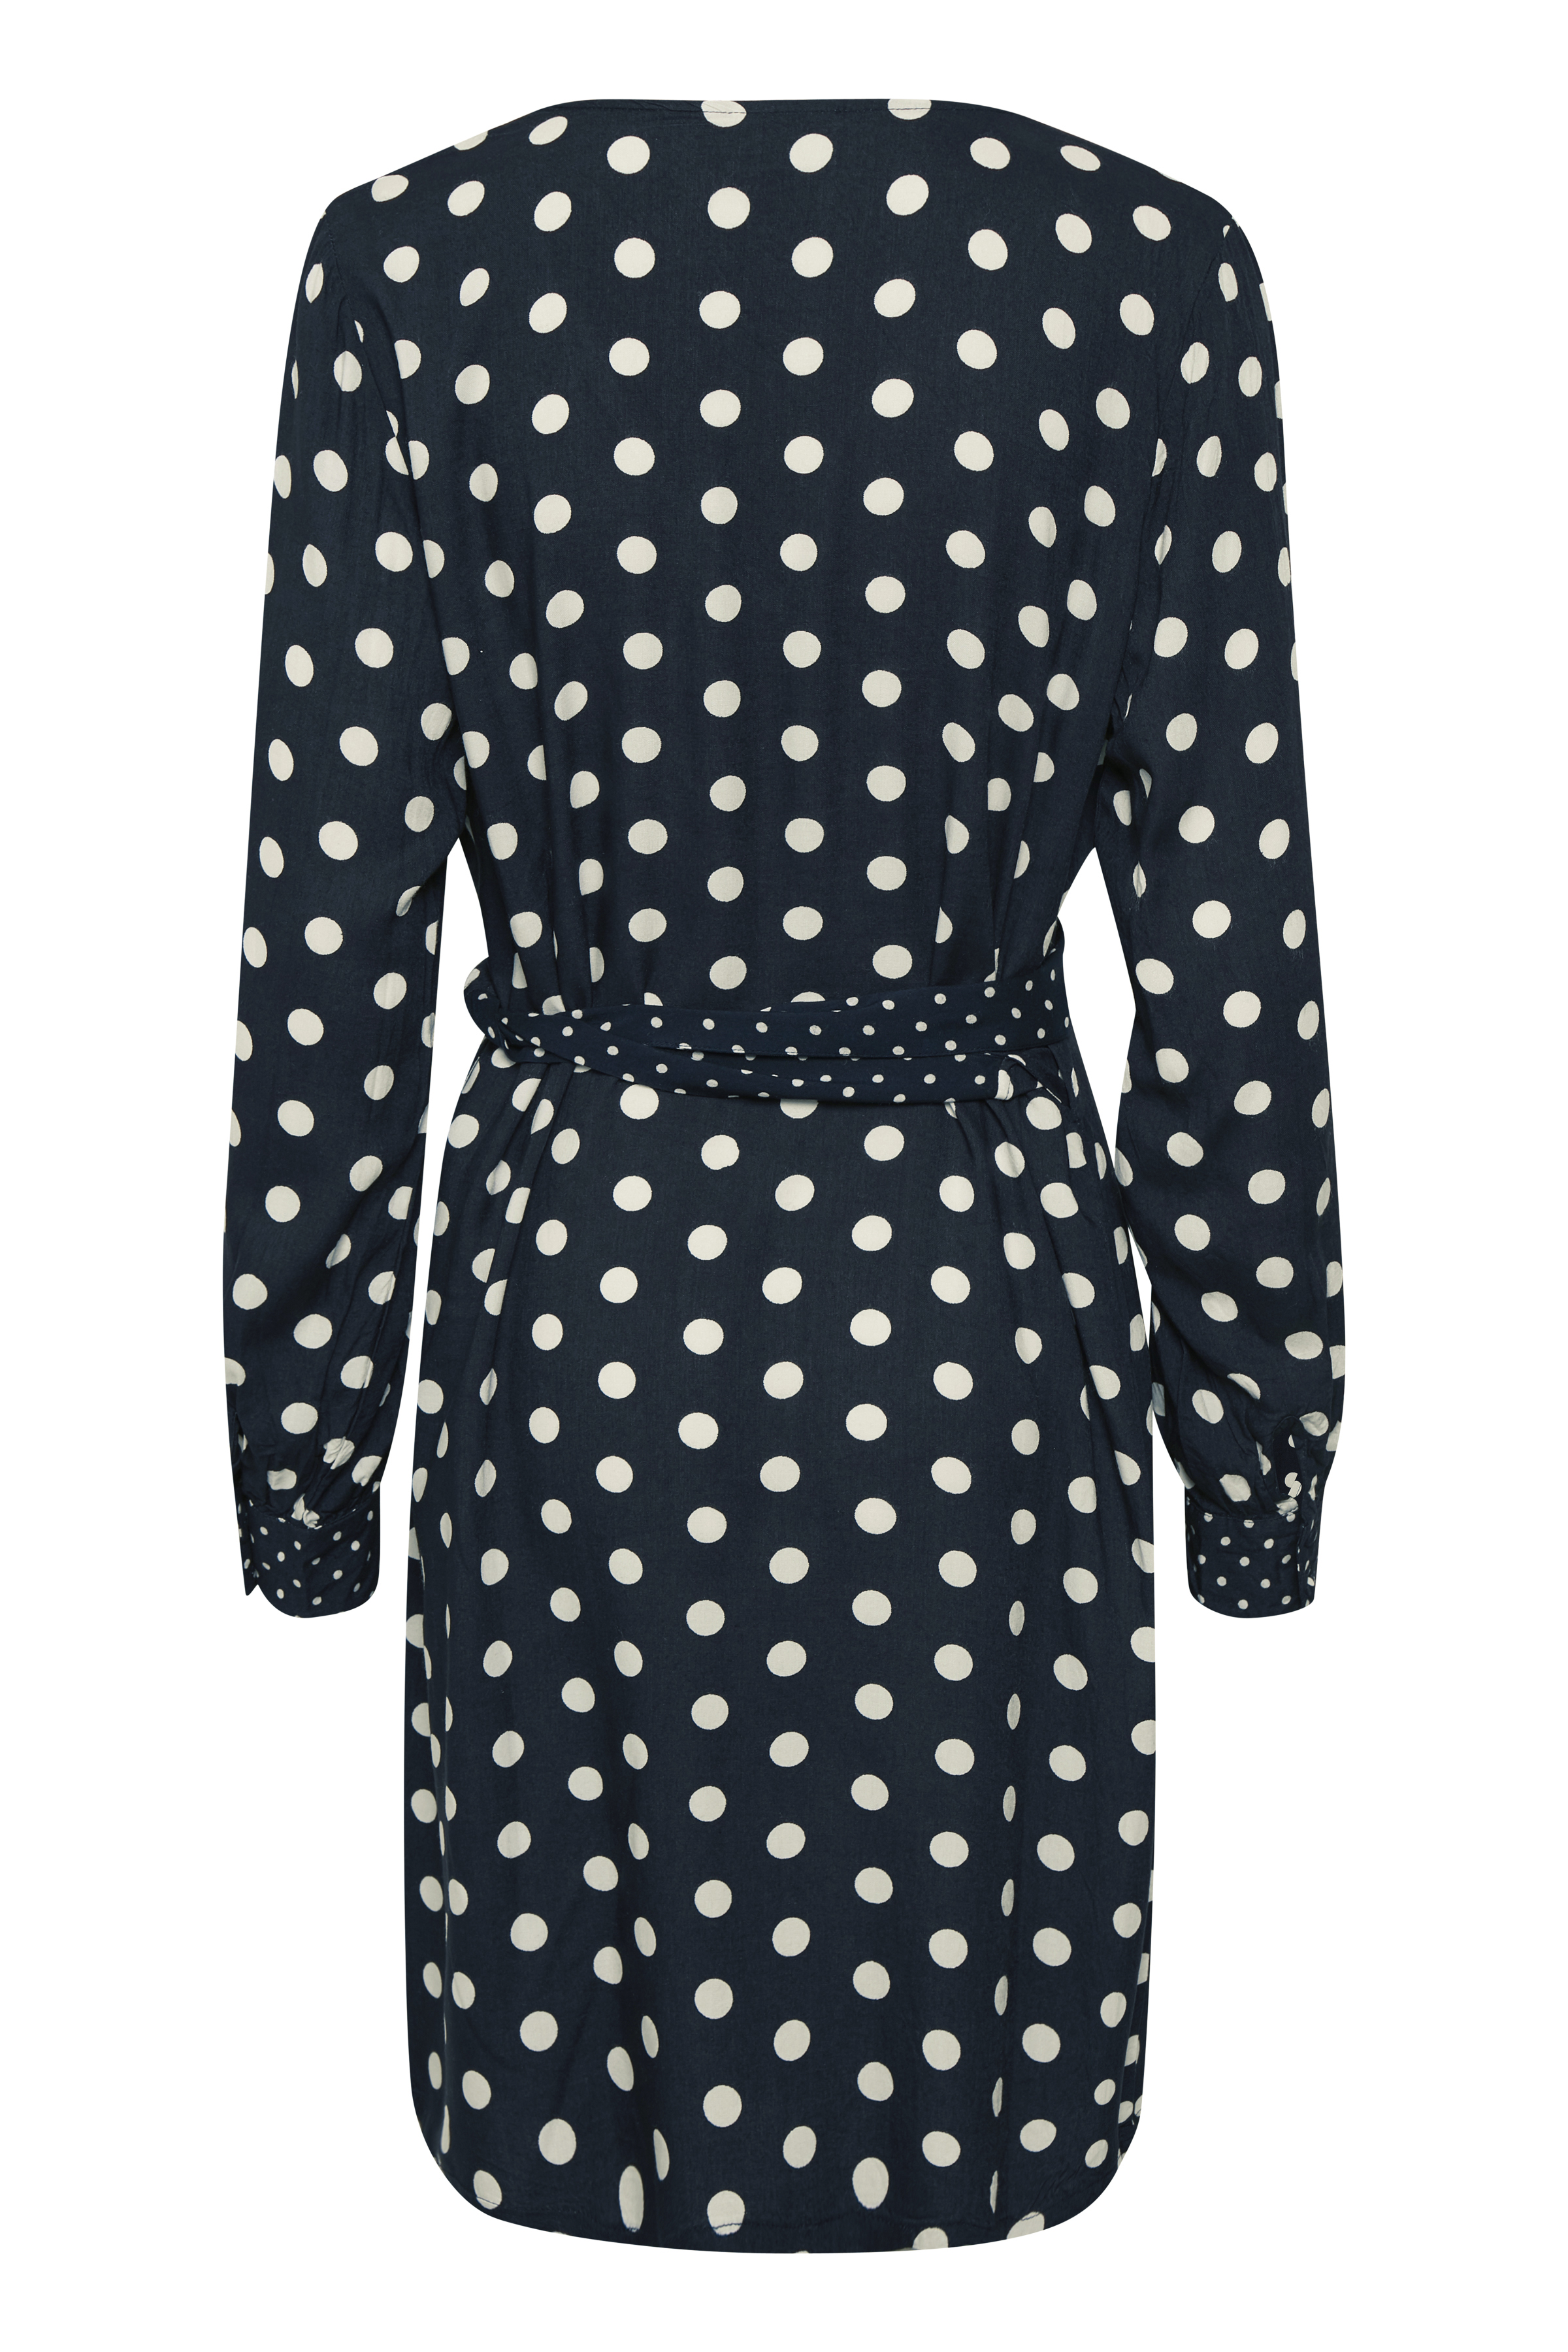 Marineblau/weiß Kleid von Kaffe – Shoppen Sie Marineblau/weiß Kleid ab Gr. 34-46 hier